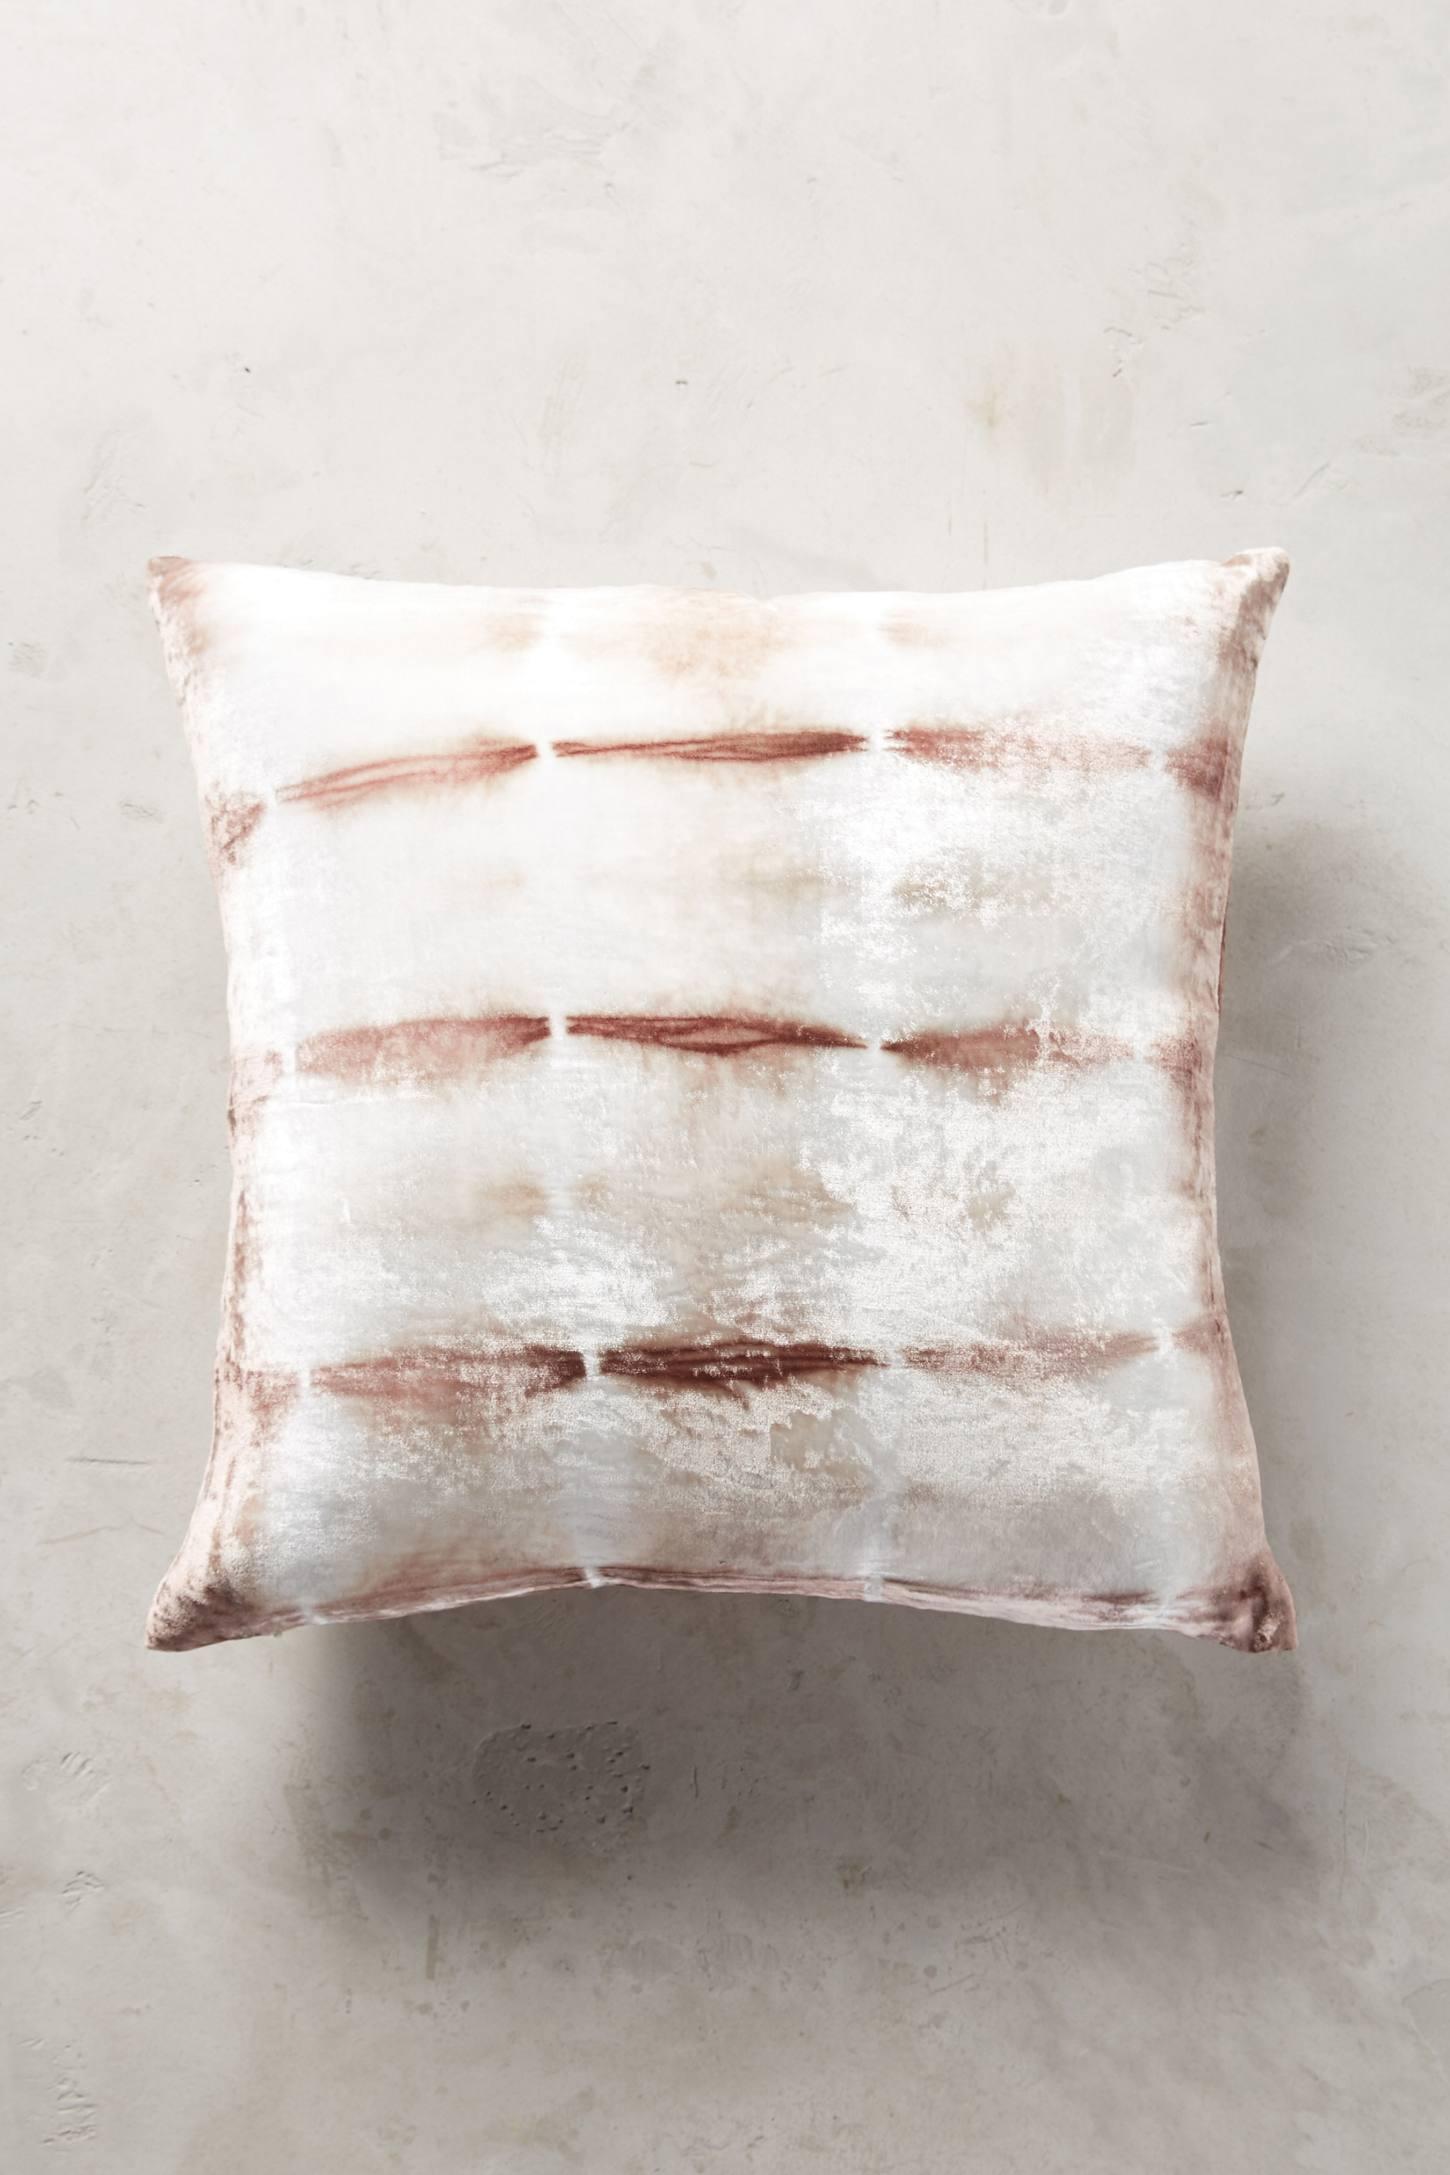 Velvet Shibori pillow from Anthropologie